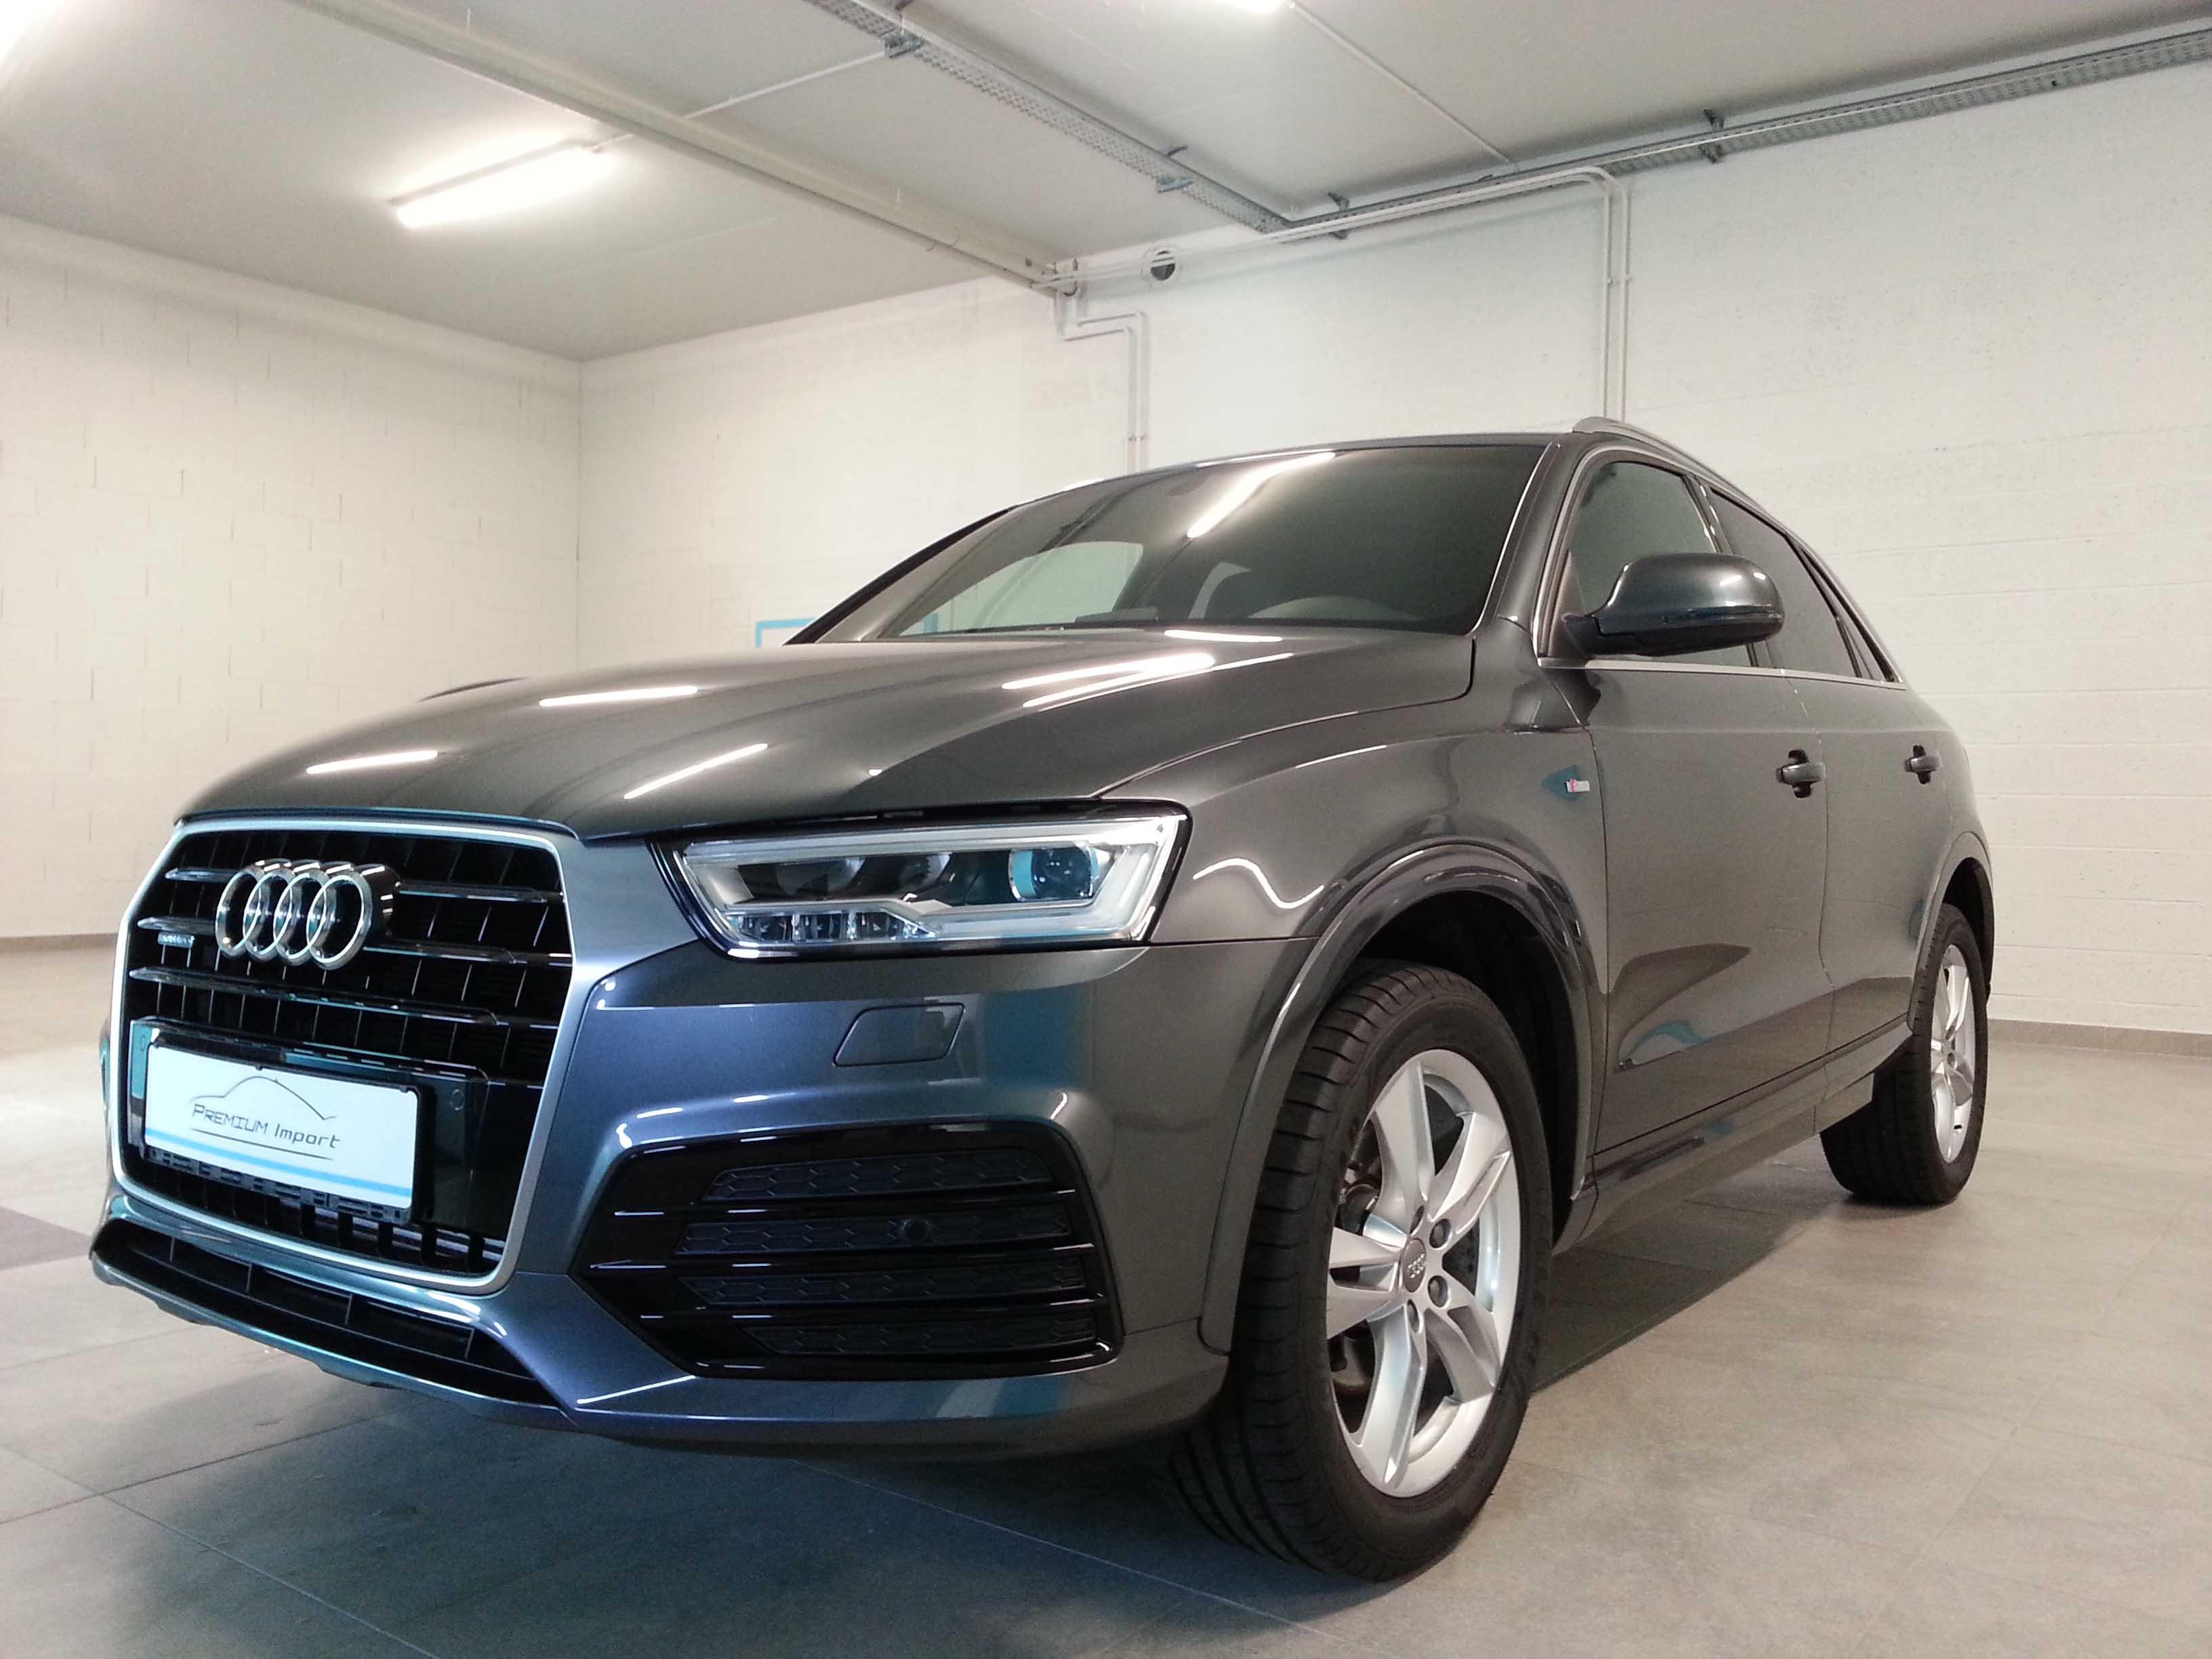 Audi Q3 S-line 2.0 TFSI